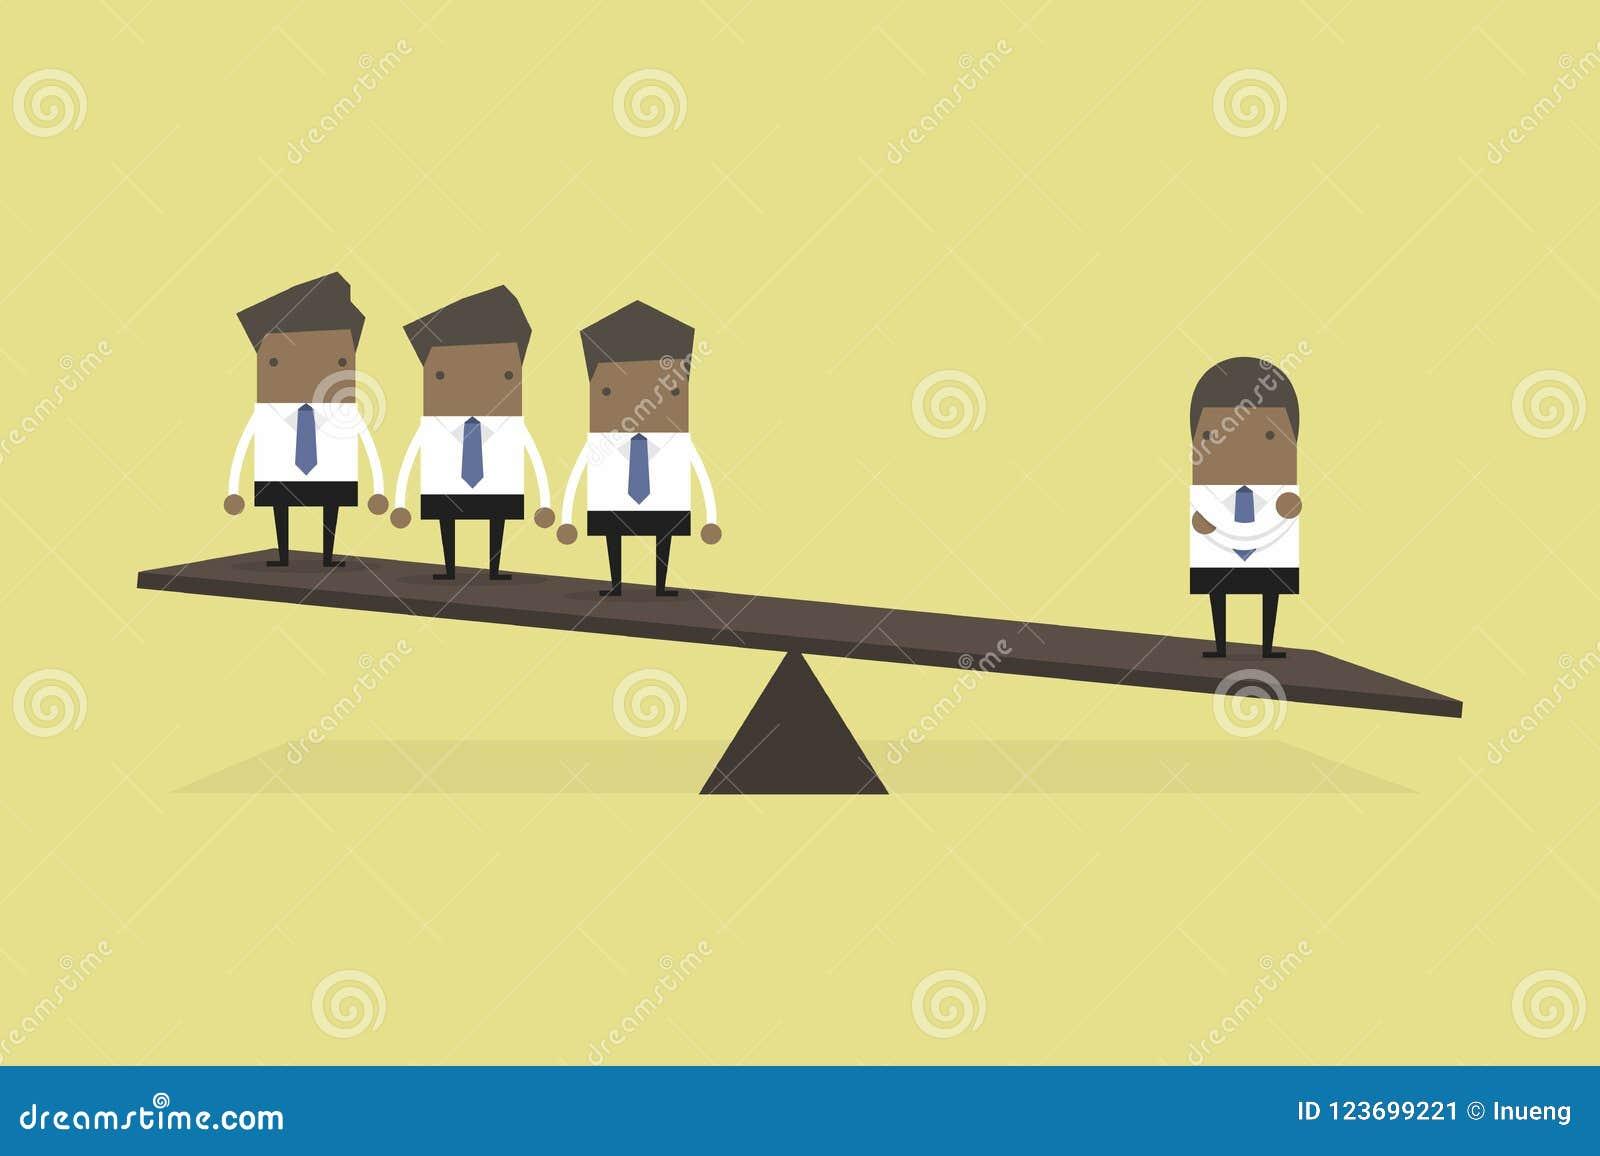 Um homem de negócios africano em um lado da escala de peso é mais pesado do que muitos executivos o outro lado